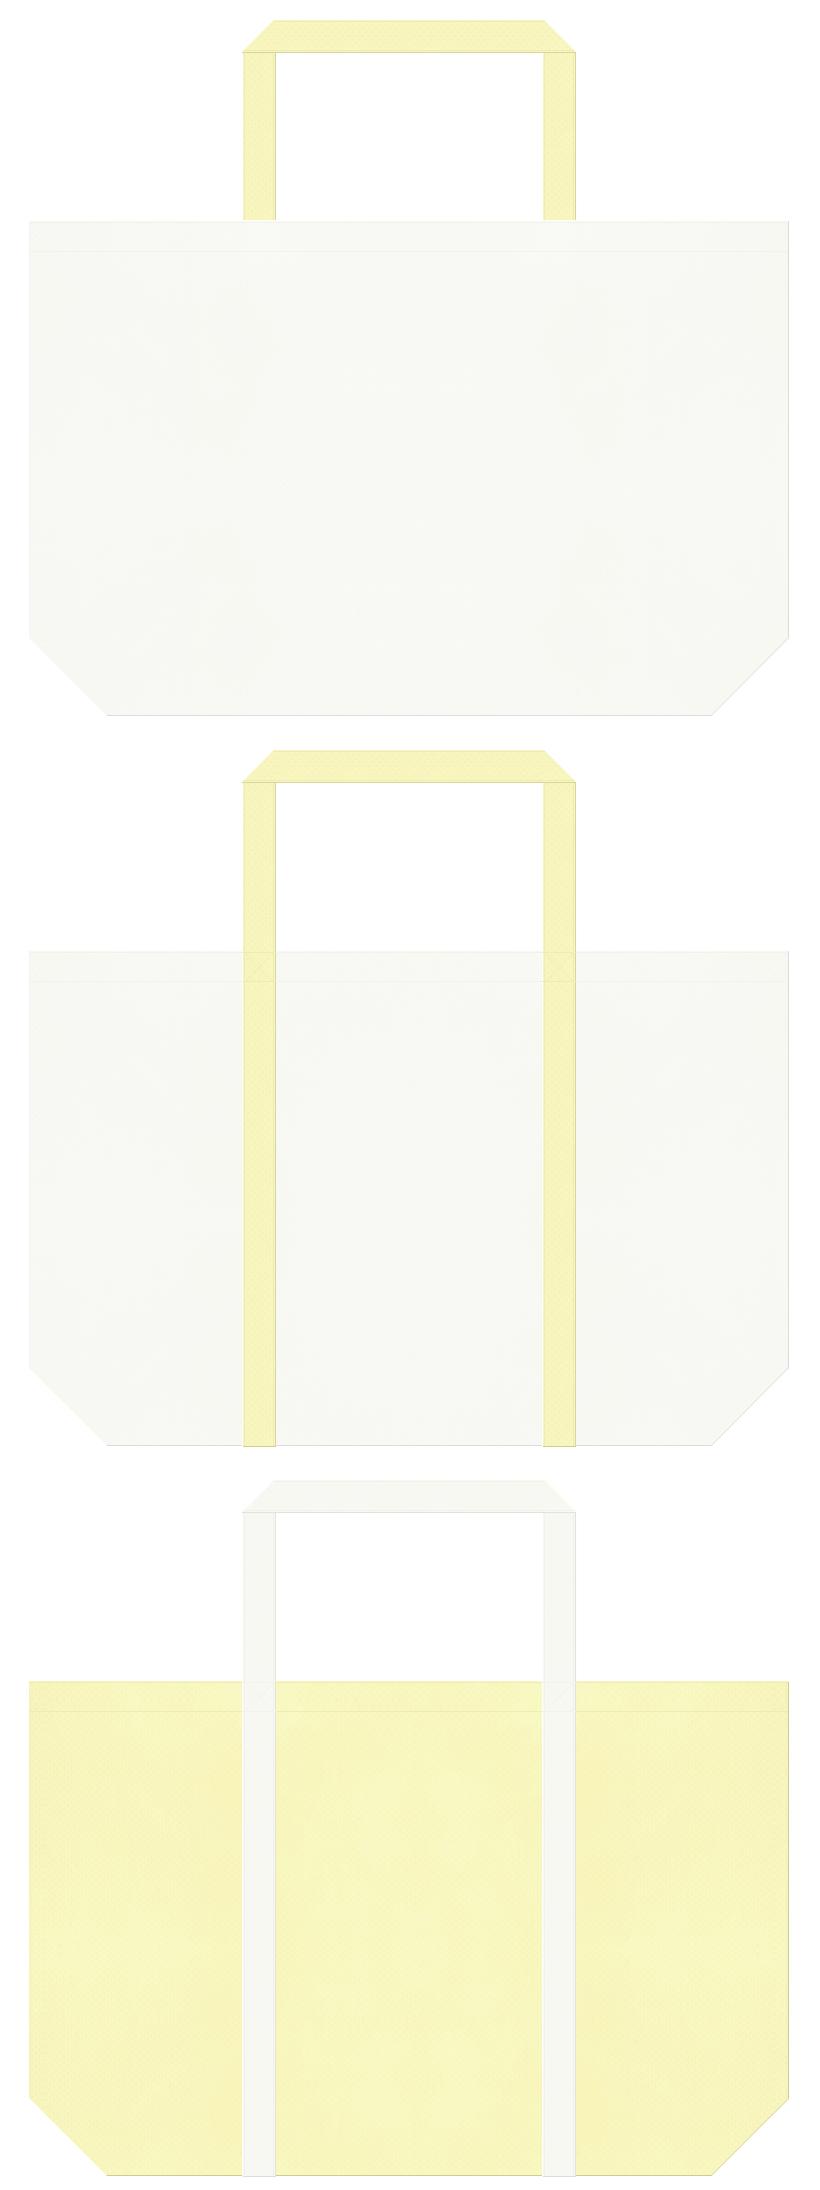 保育・福祉・介護・医療・パステルカラー・ガーリーデザイン・マーガリン・乳製品・クリーム・ミルク・チーズケーキ・ロールケーキ・スイーツにお奨めの不織布バッグデザイン:オフホワイト色と薄黄色のコーデ